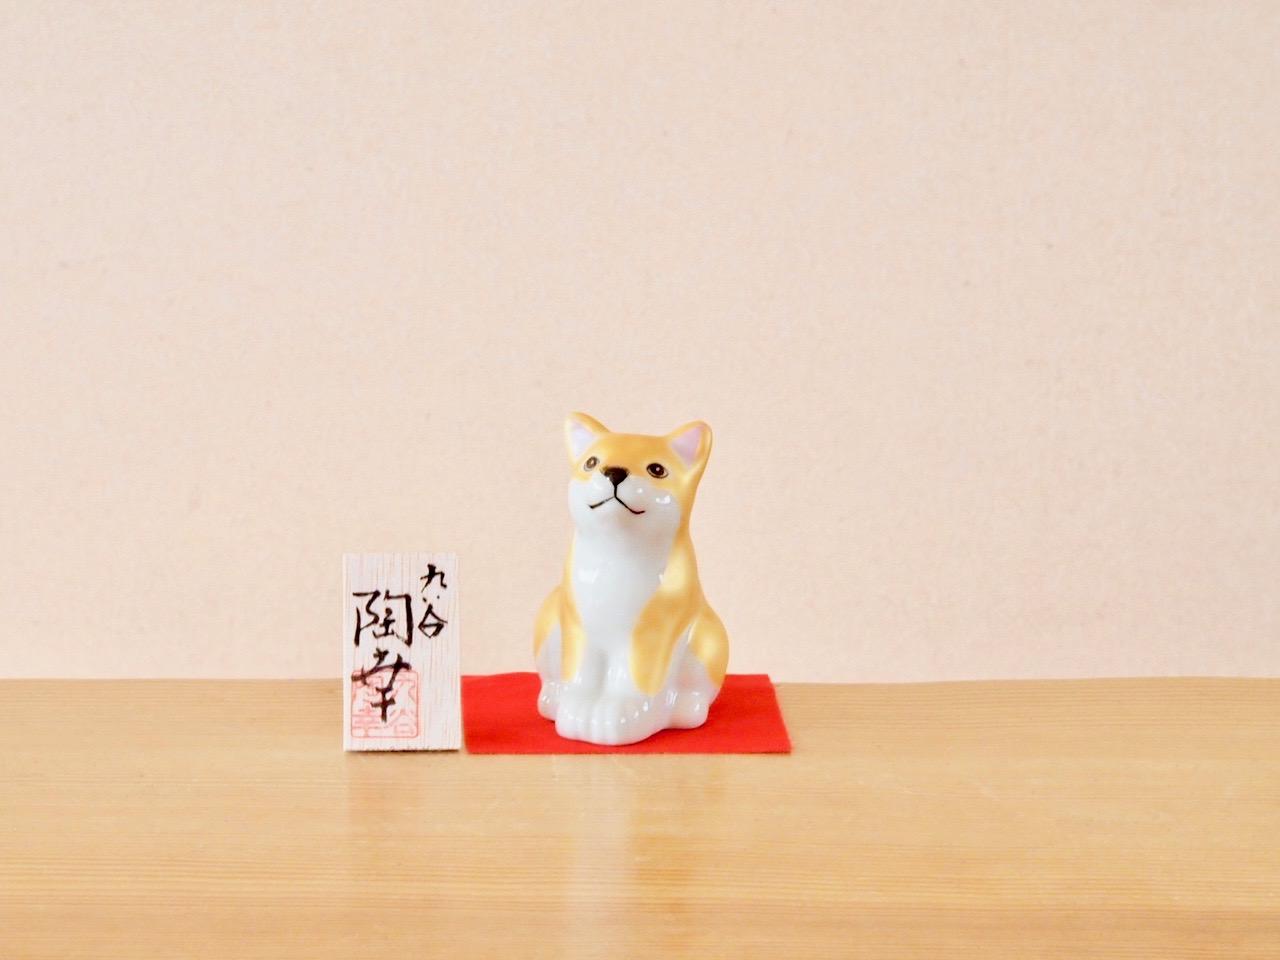 九谷焼 干支 戊 戌 犬 陶幸 マルヨネ